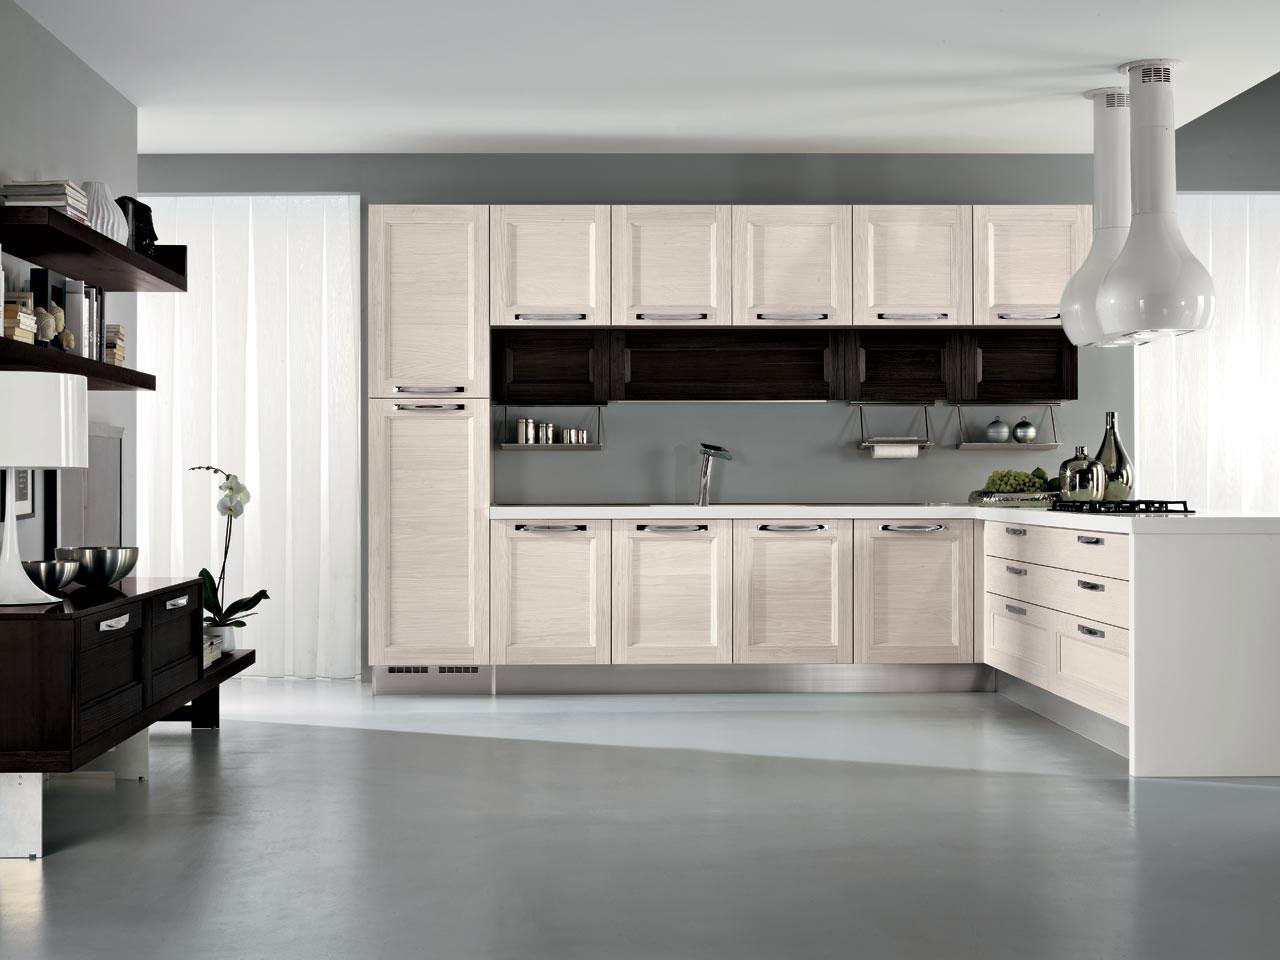 Foto Cucine Lube Moderne : Cucine moderne lube modello georgia perego arredamenti